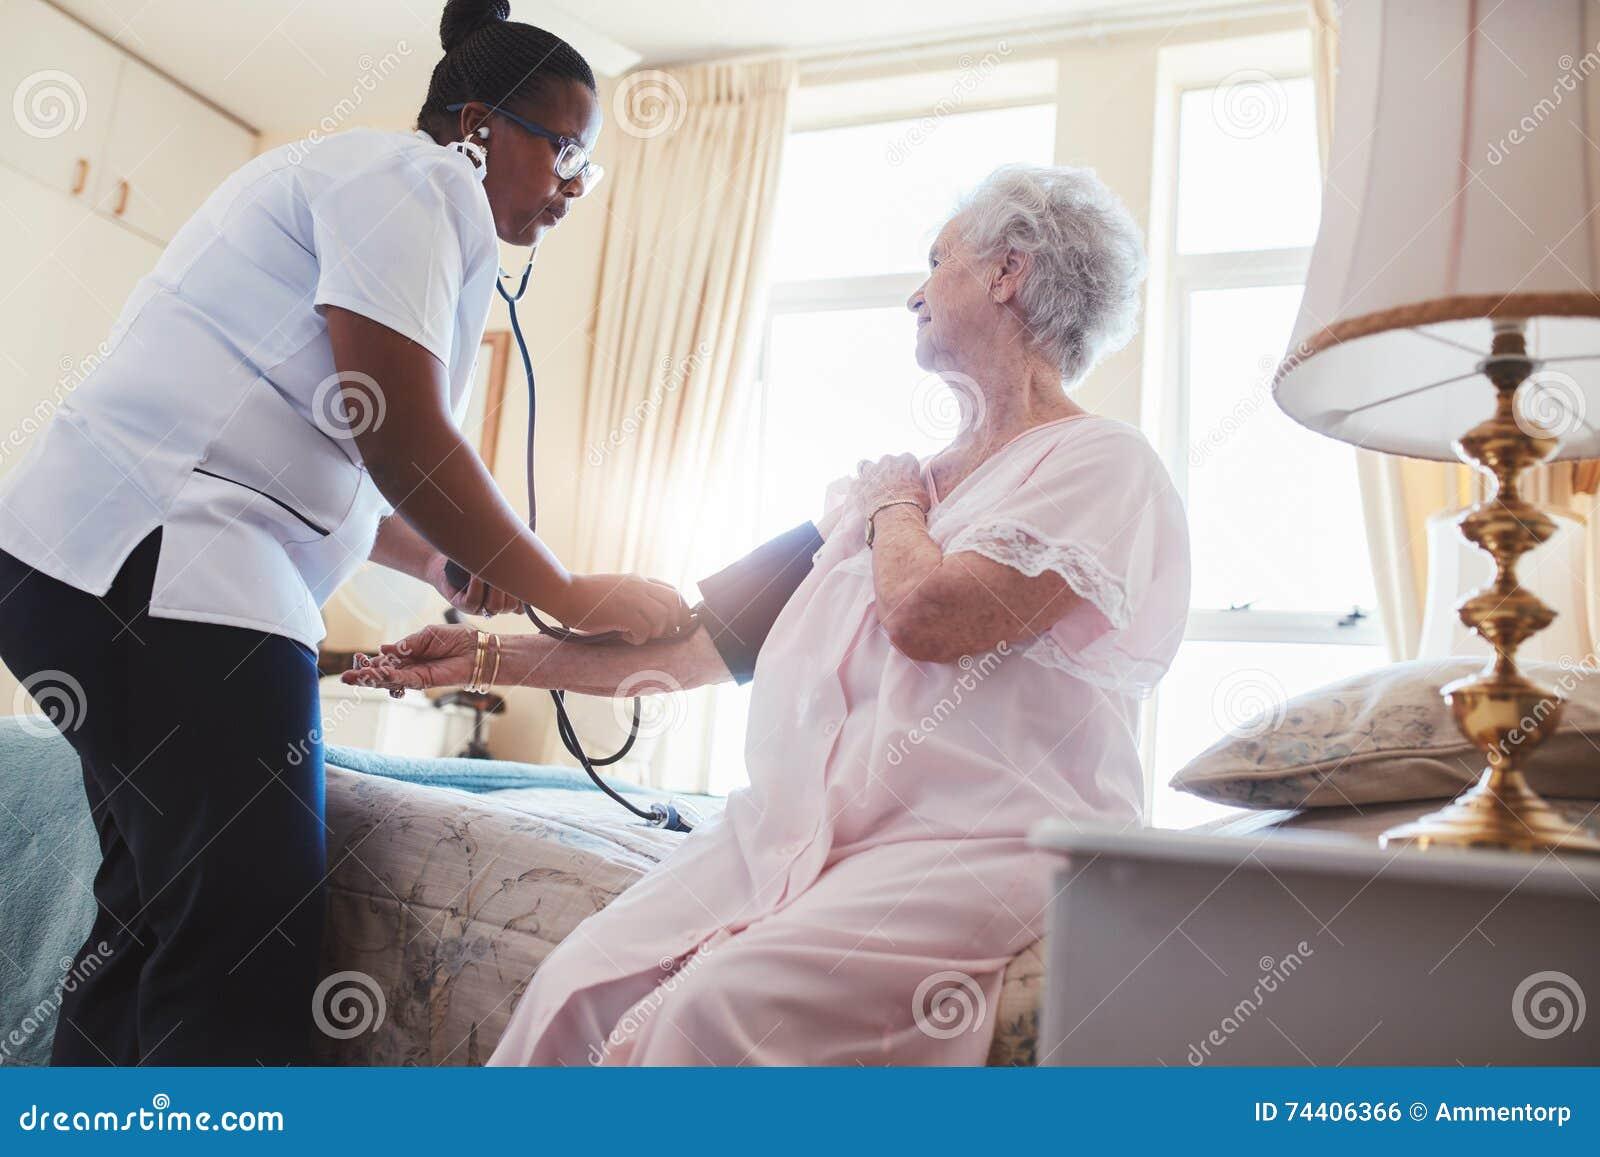 Weibliche Krankenschwester, die Blutdruck einer älteren Frau überprüft